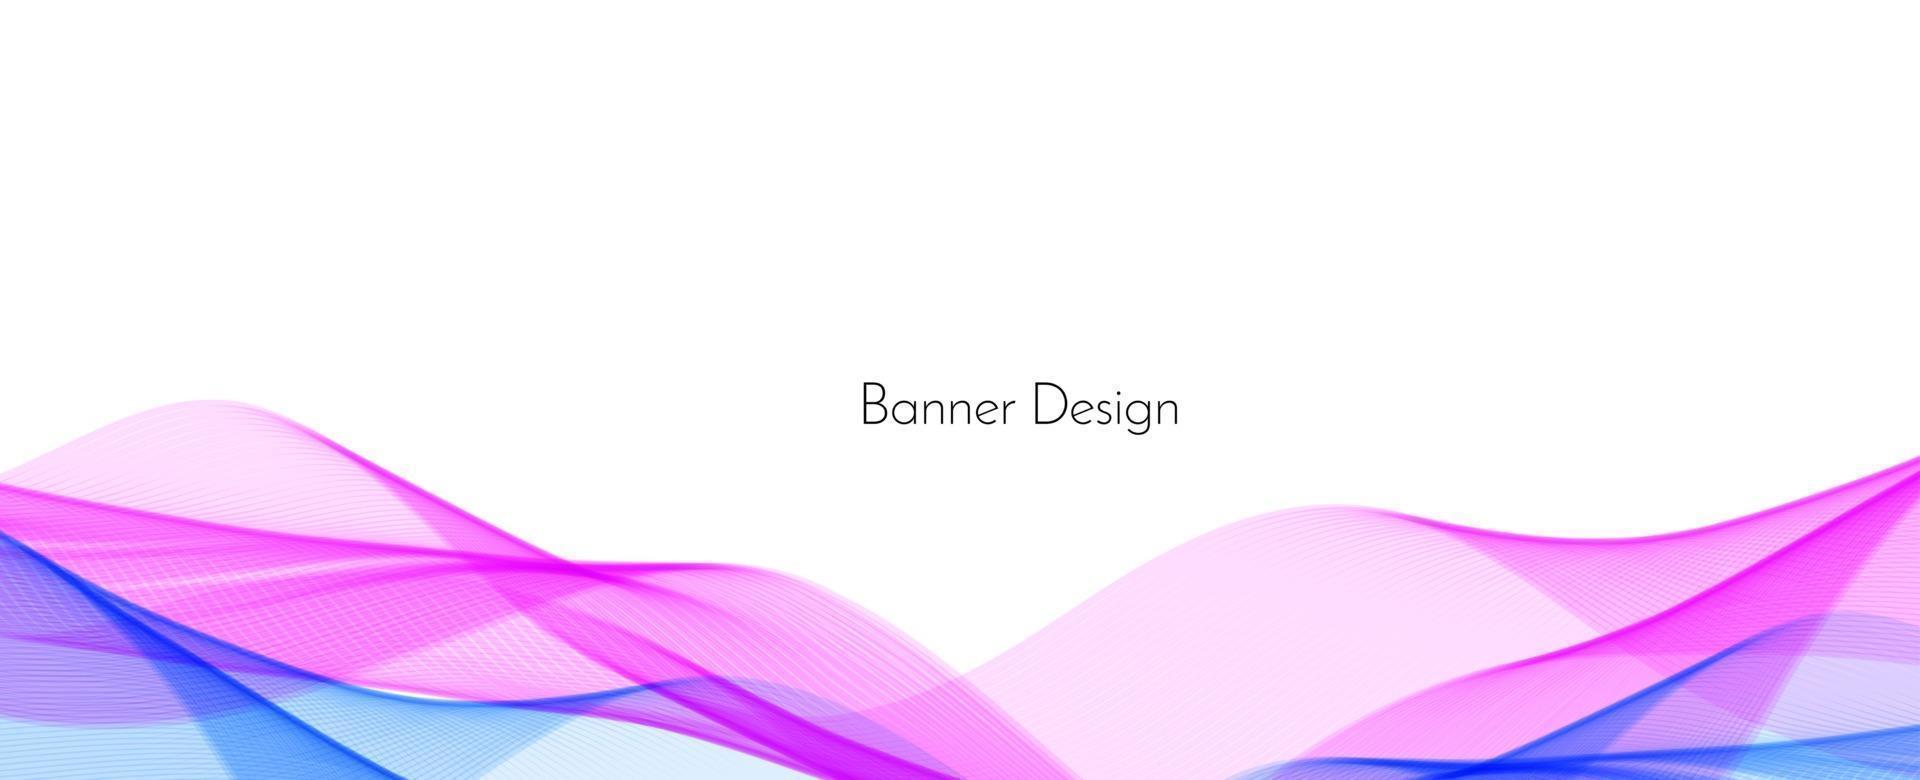 abstracte kleurrijke decoratieve stijlvolle moderne golf ontwerp banner achtergrond vector